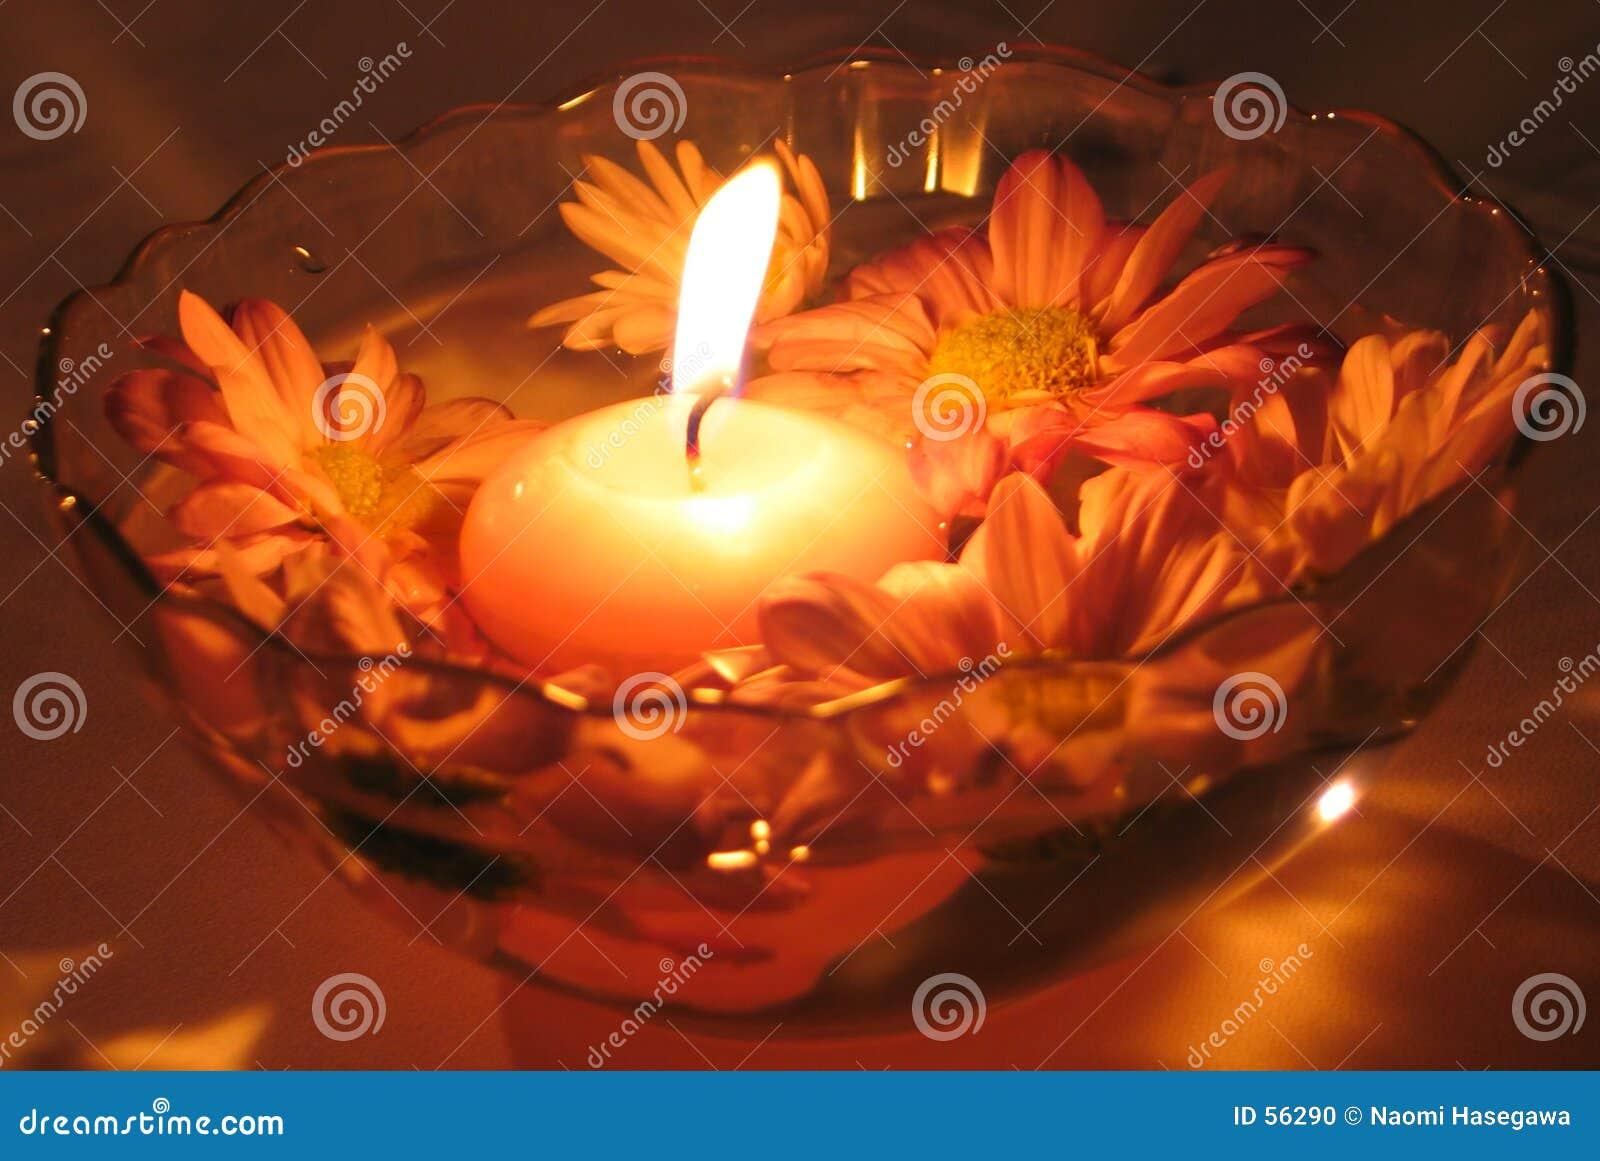 De Kaarsen van de bloem